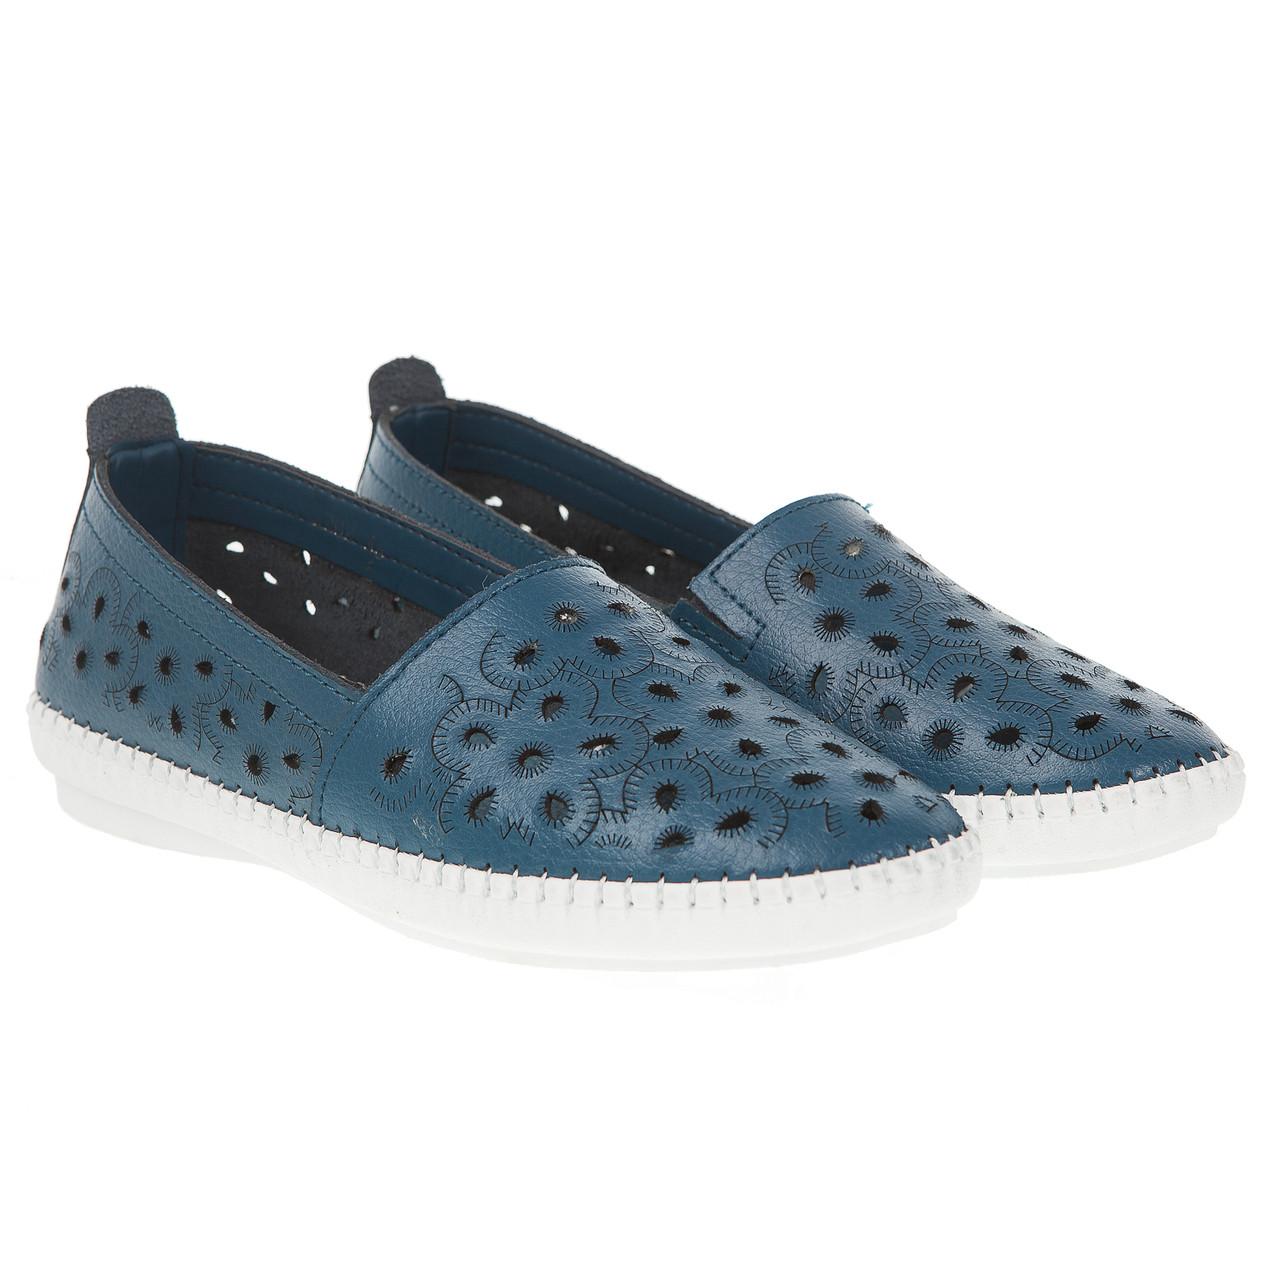 Эспадрильи женские Lifeexpert (стильные, модные, актуальный синий цвет, удобные)